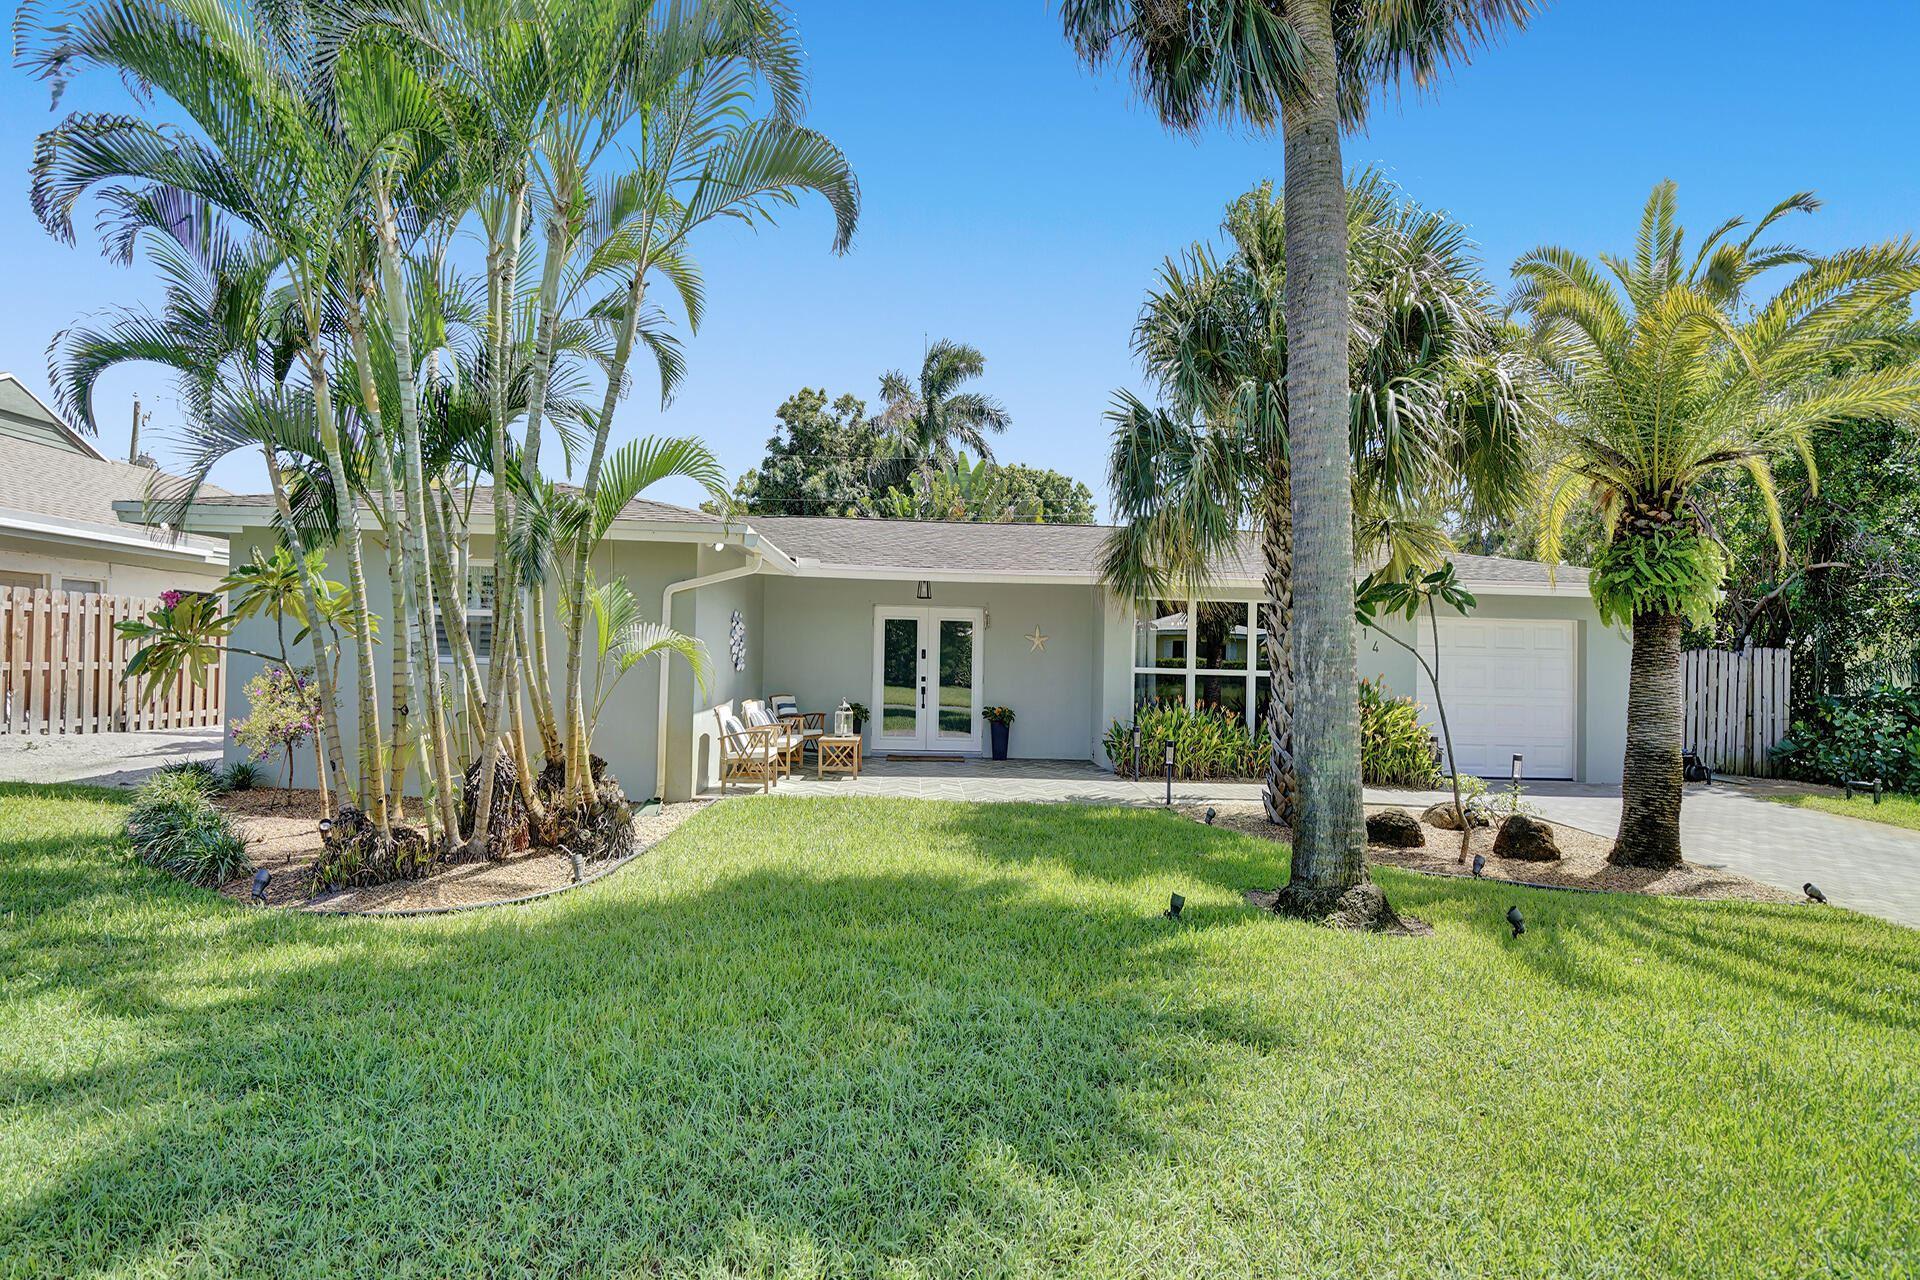 914 SW 27th Place, Boynton Beach, FL 33435 - #: RX-10742483